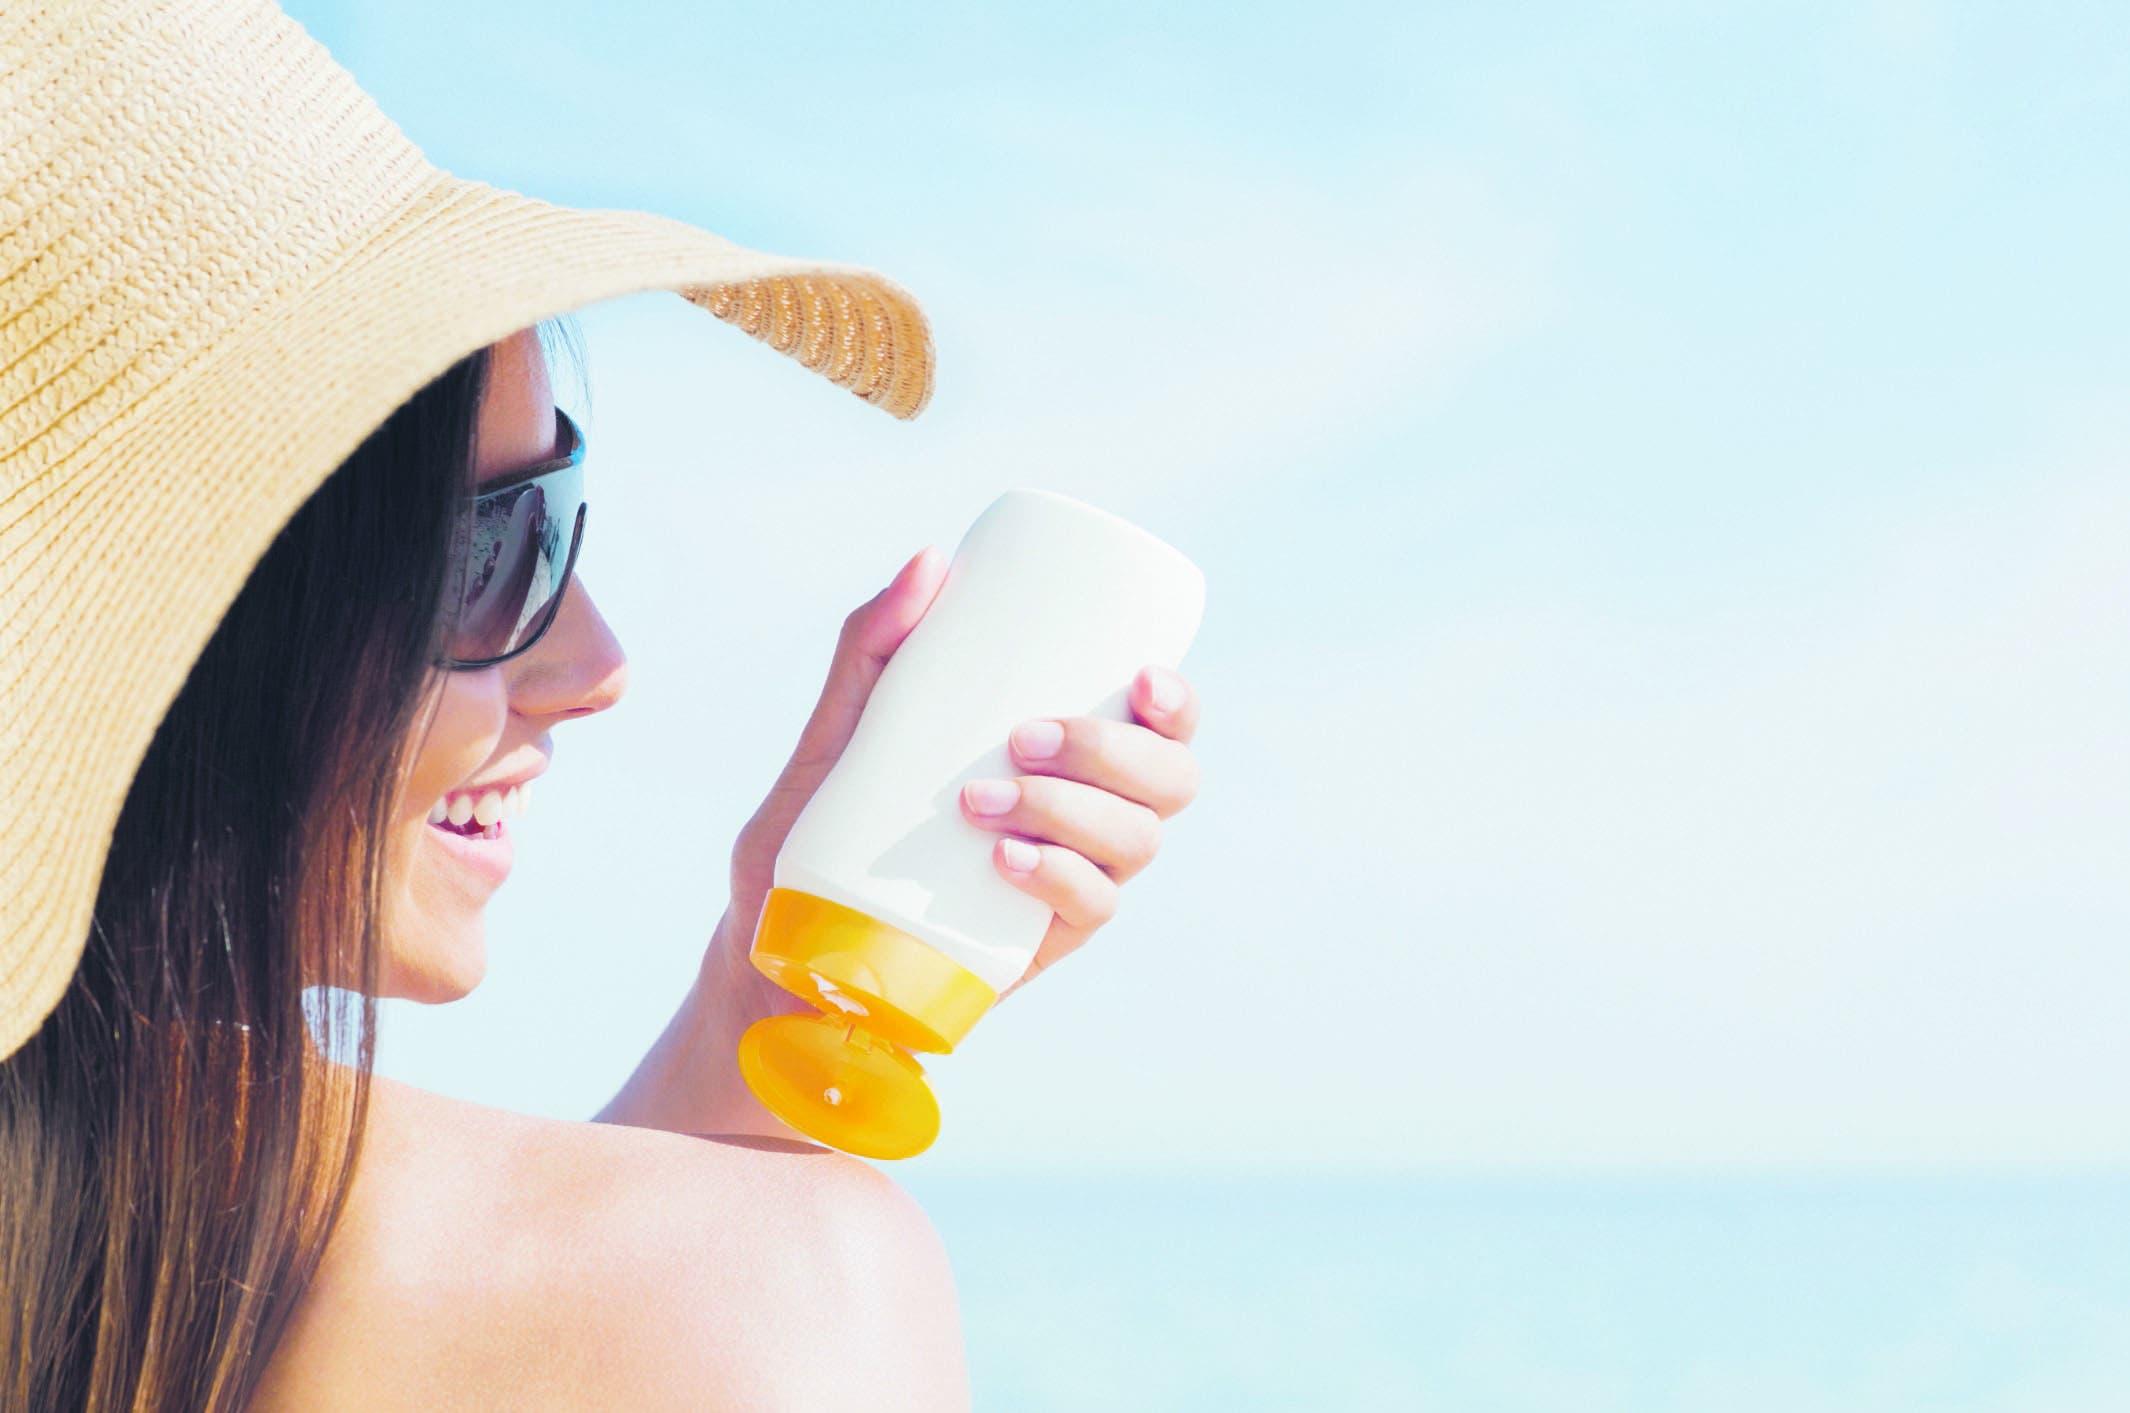 Protección solar es elemental para evitar el  cáncer de piel